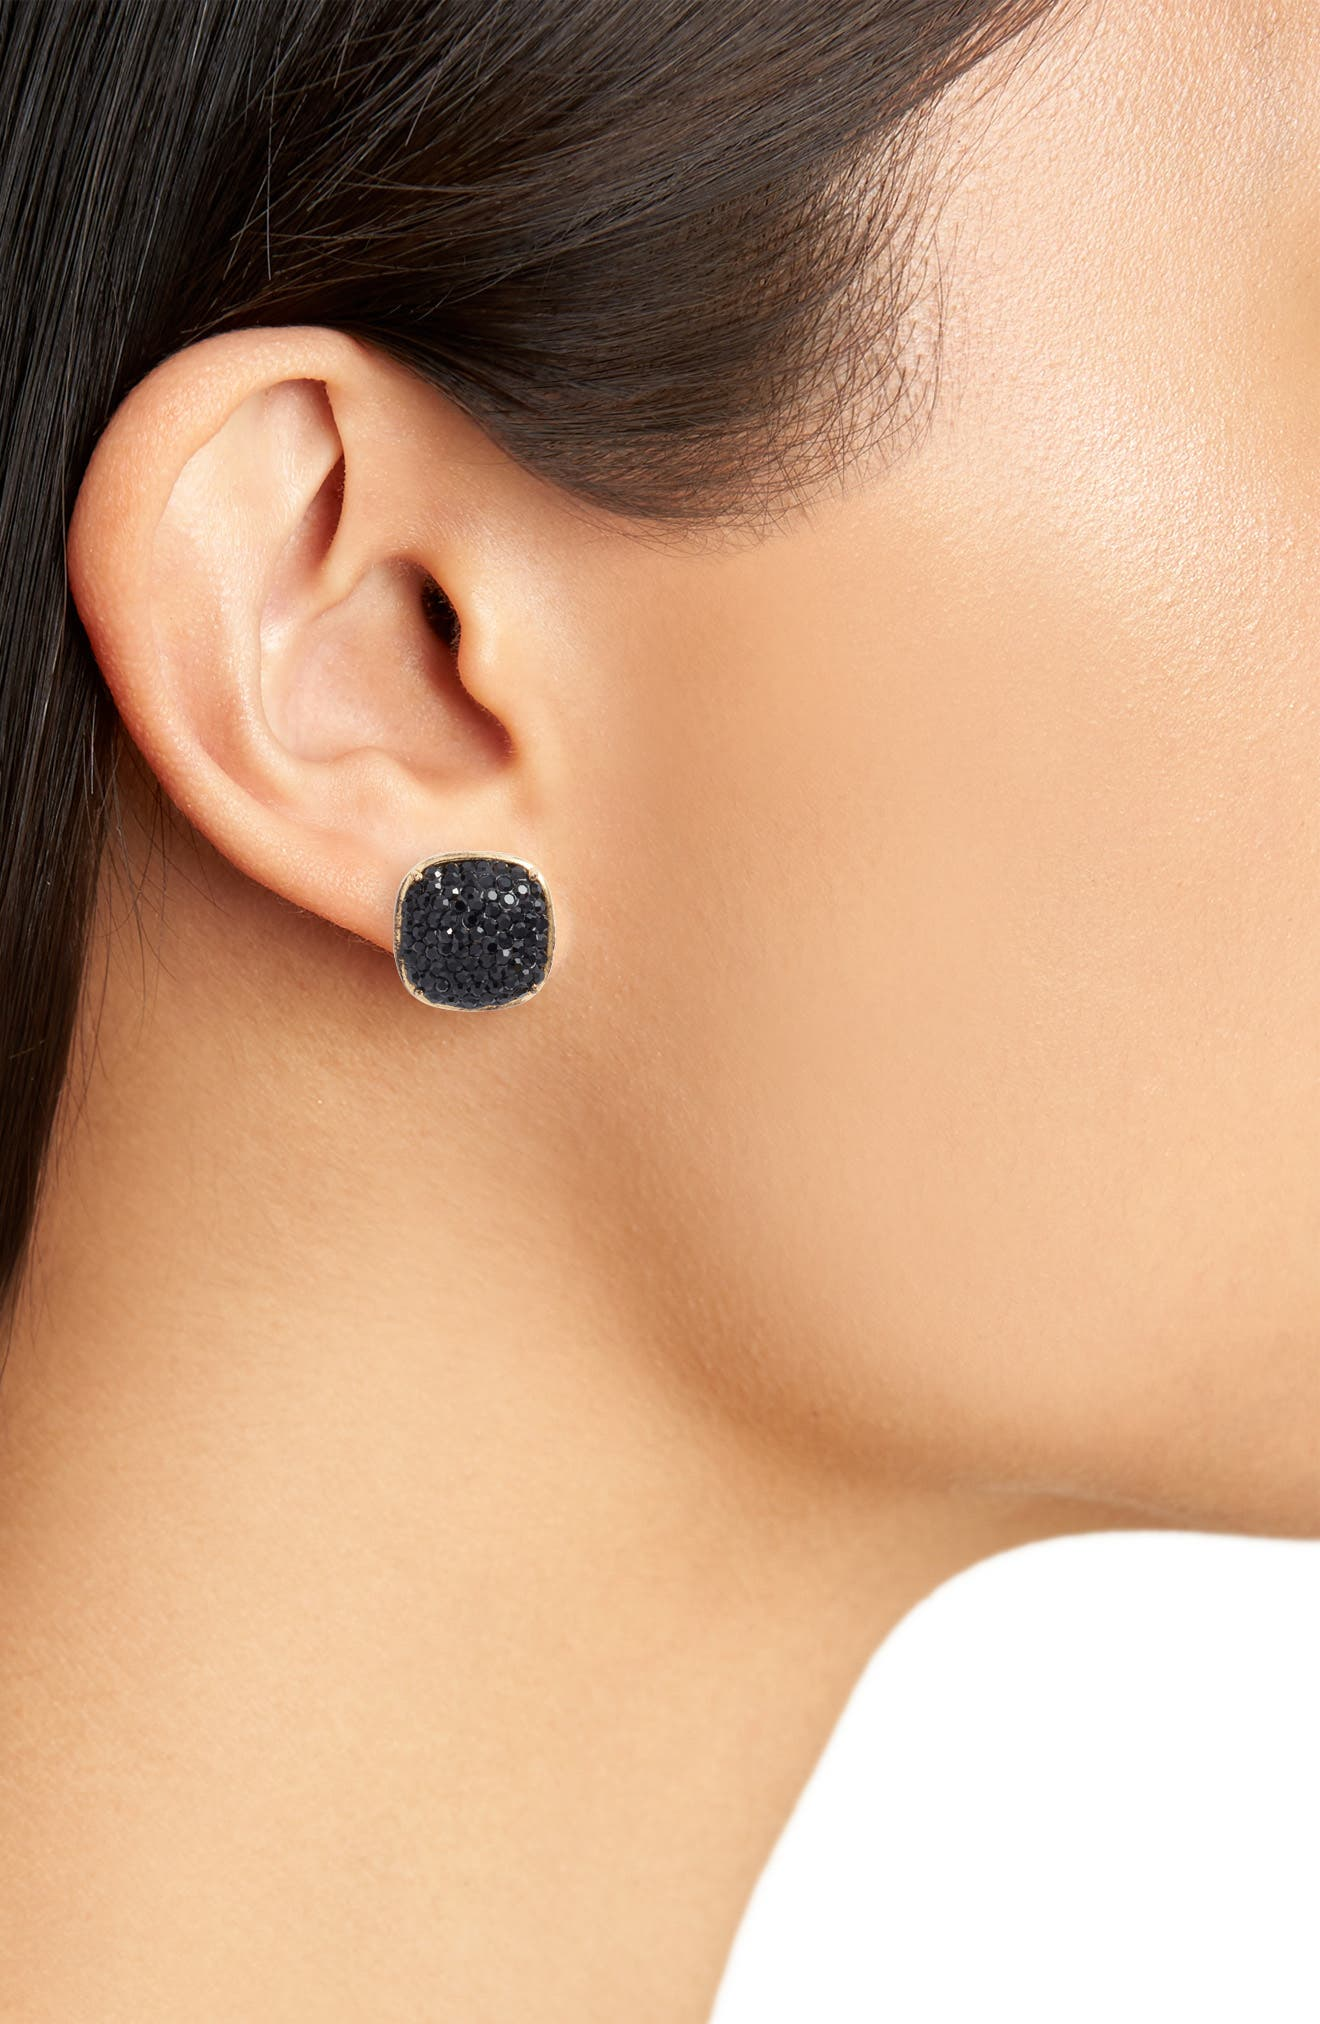 KATE SPADE NEW YORK, pavé small square stud earrings, Alternate thumbnail 2, color, JET